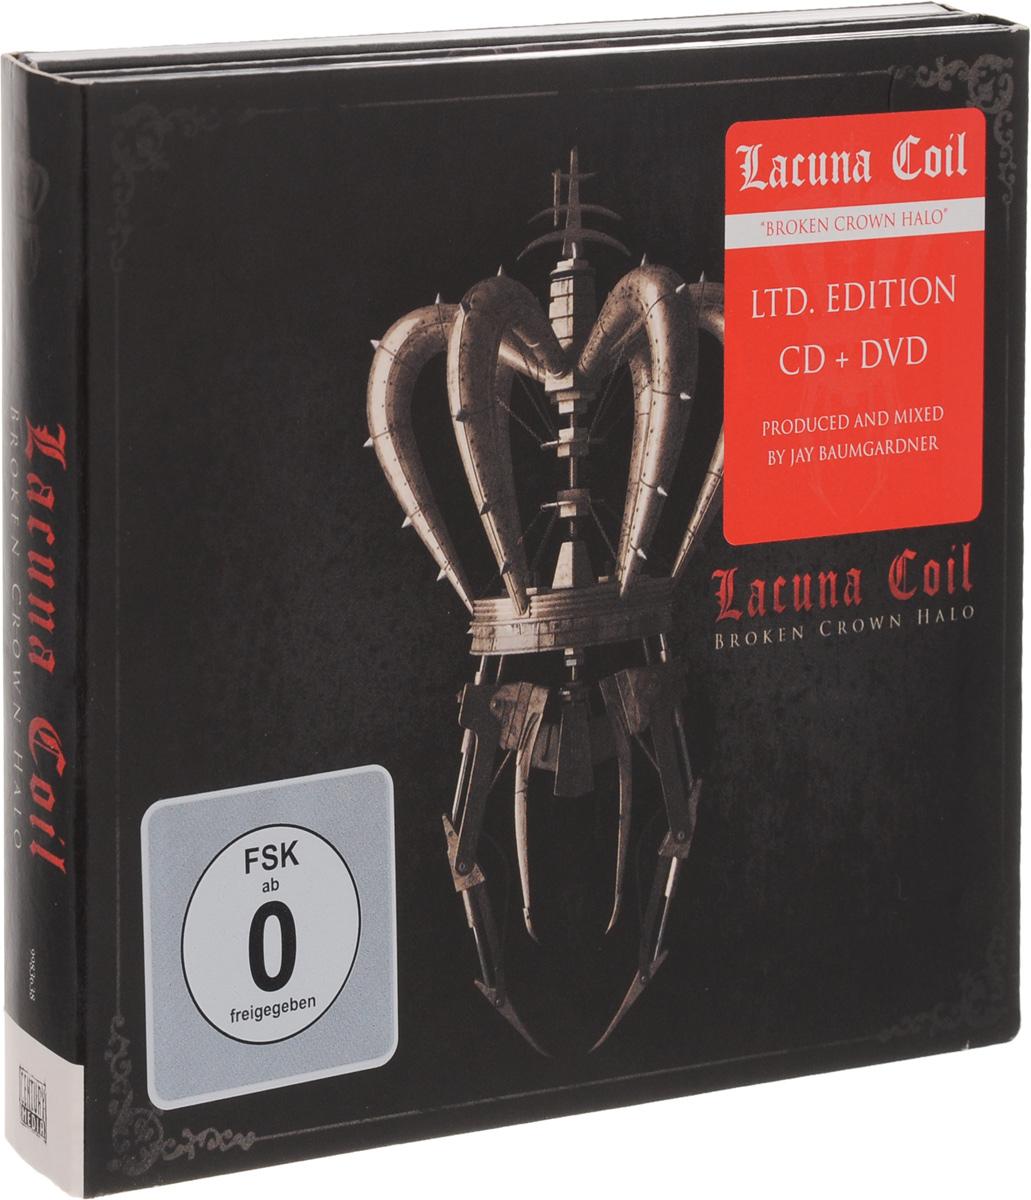 Издание содержит иллюстрированный вкладыш с текстами песен на английском языке. Издание содержит CD диск, упакованный в прозрачный целлофановый конверт, с аналогичным списком треков.